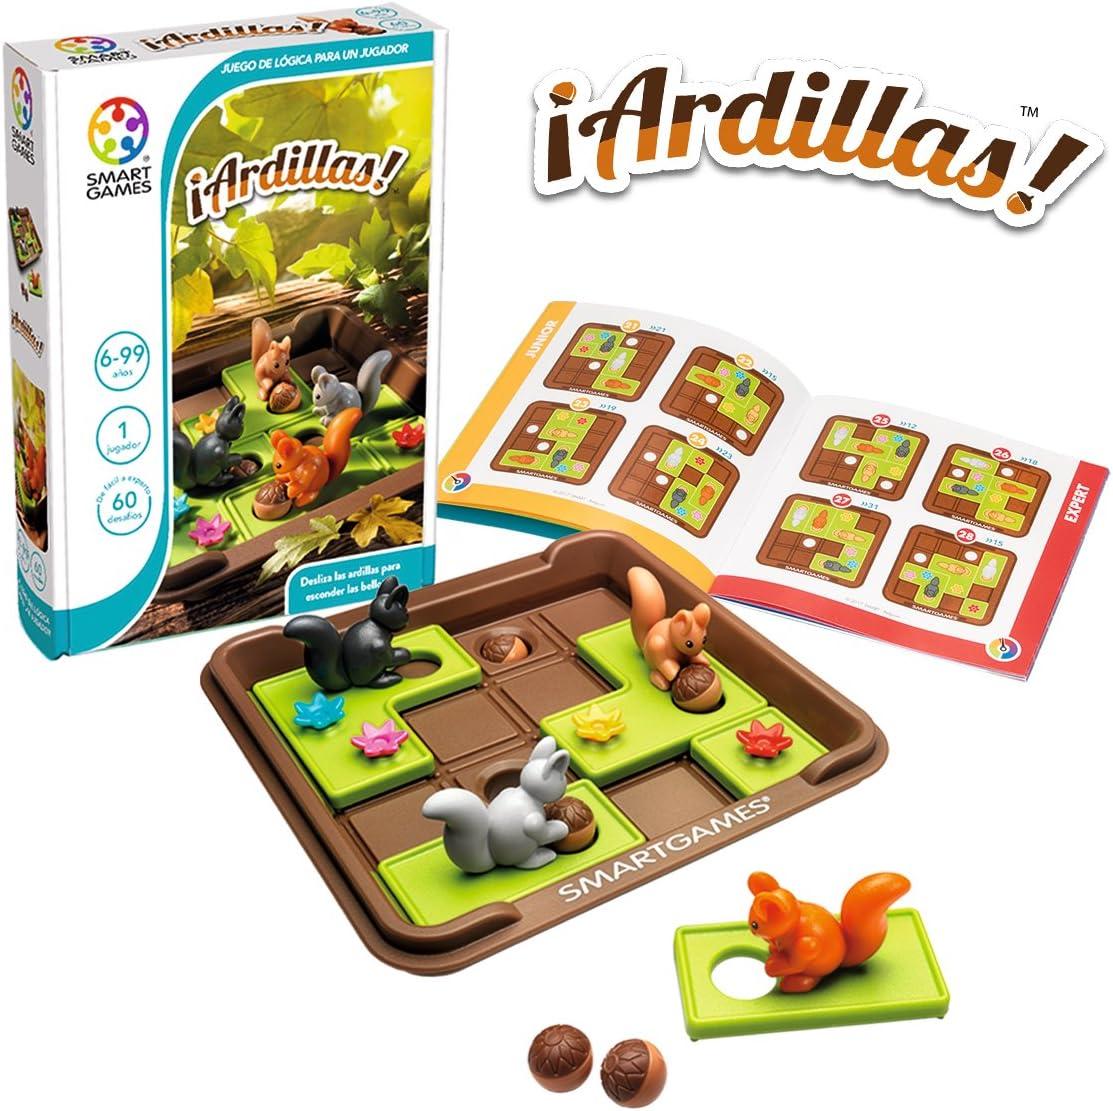 smart games- Ardillas (1): Amazon.es: Juguetes y juegos